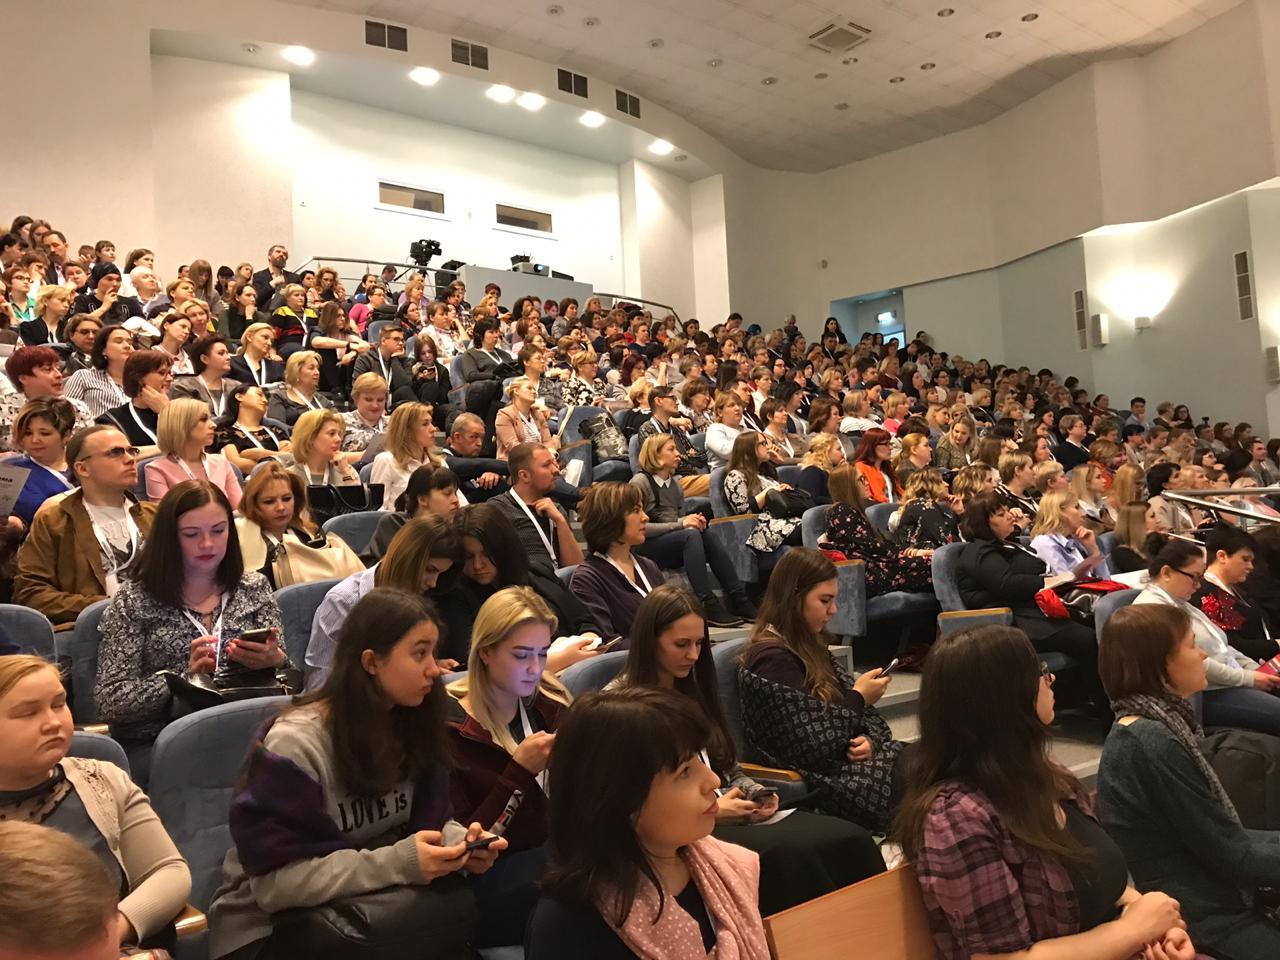 15 марта 2019 года состоялся I Съезд лаборантов-гистологов «Histotechnology ХХI» с международным участием.